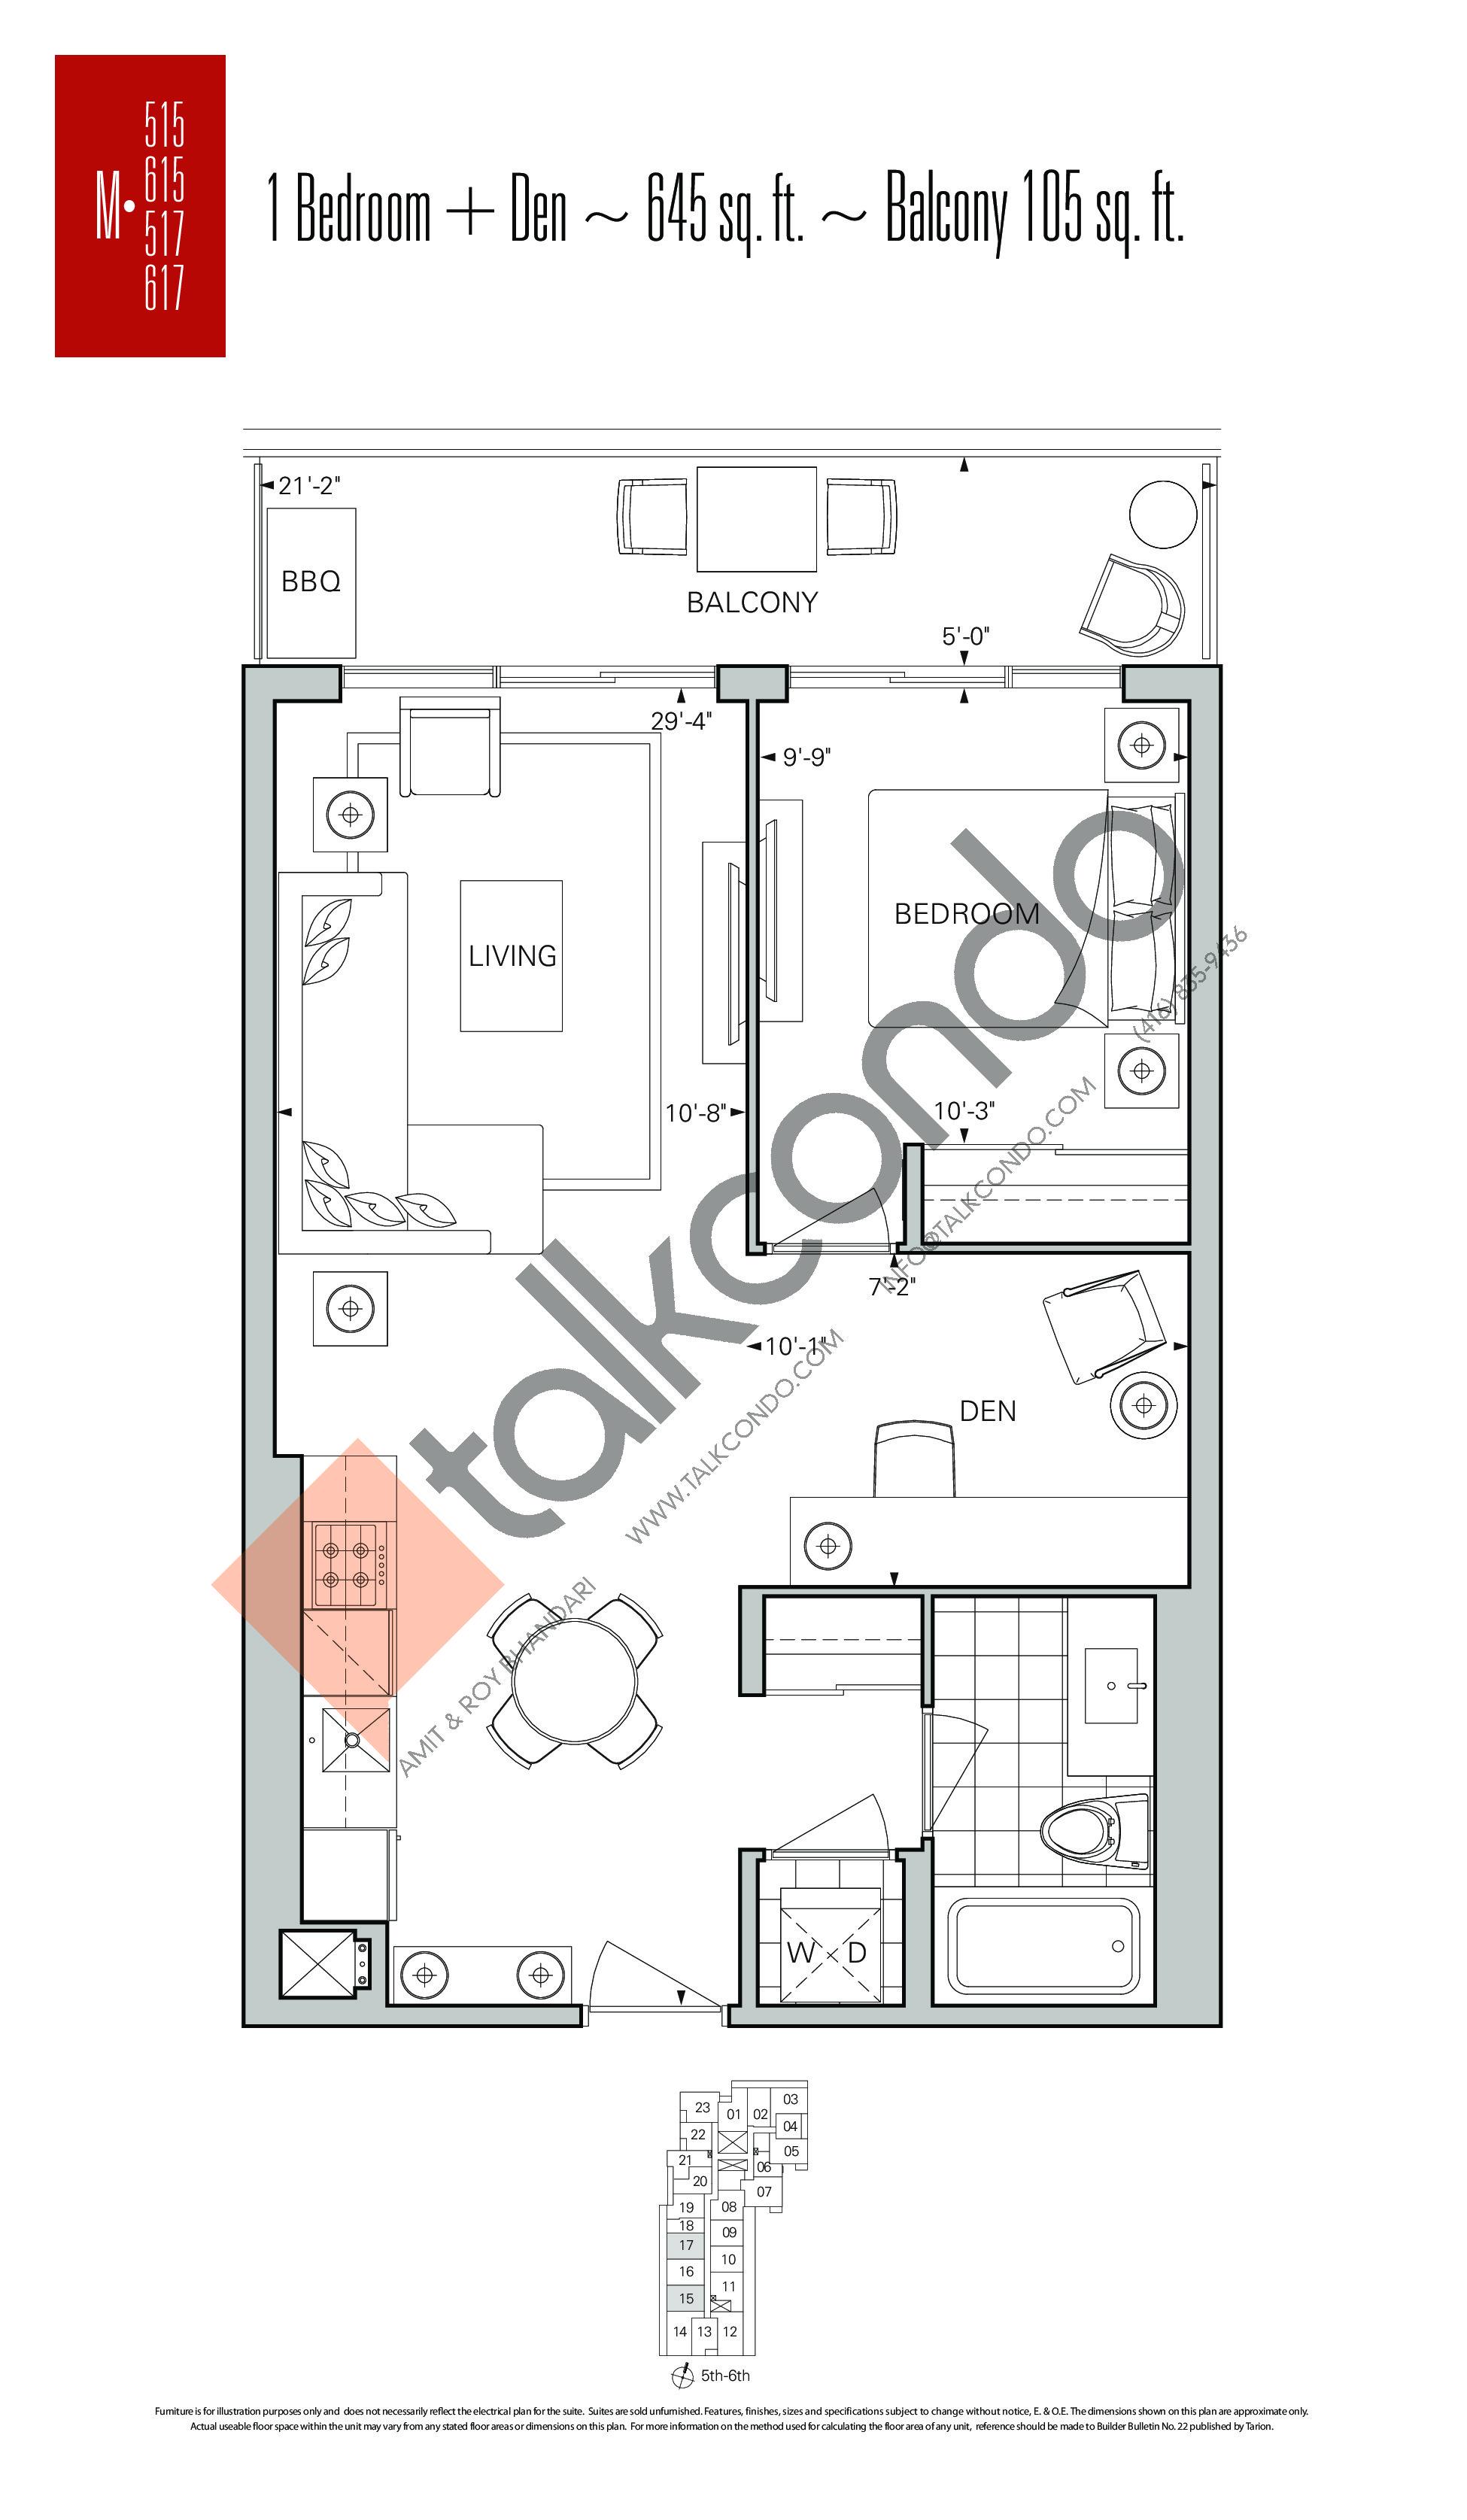 M-515 | M-615 | M-517 | M-617 Floor Plan at Rise Condos - 645 sq.ft